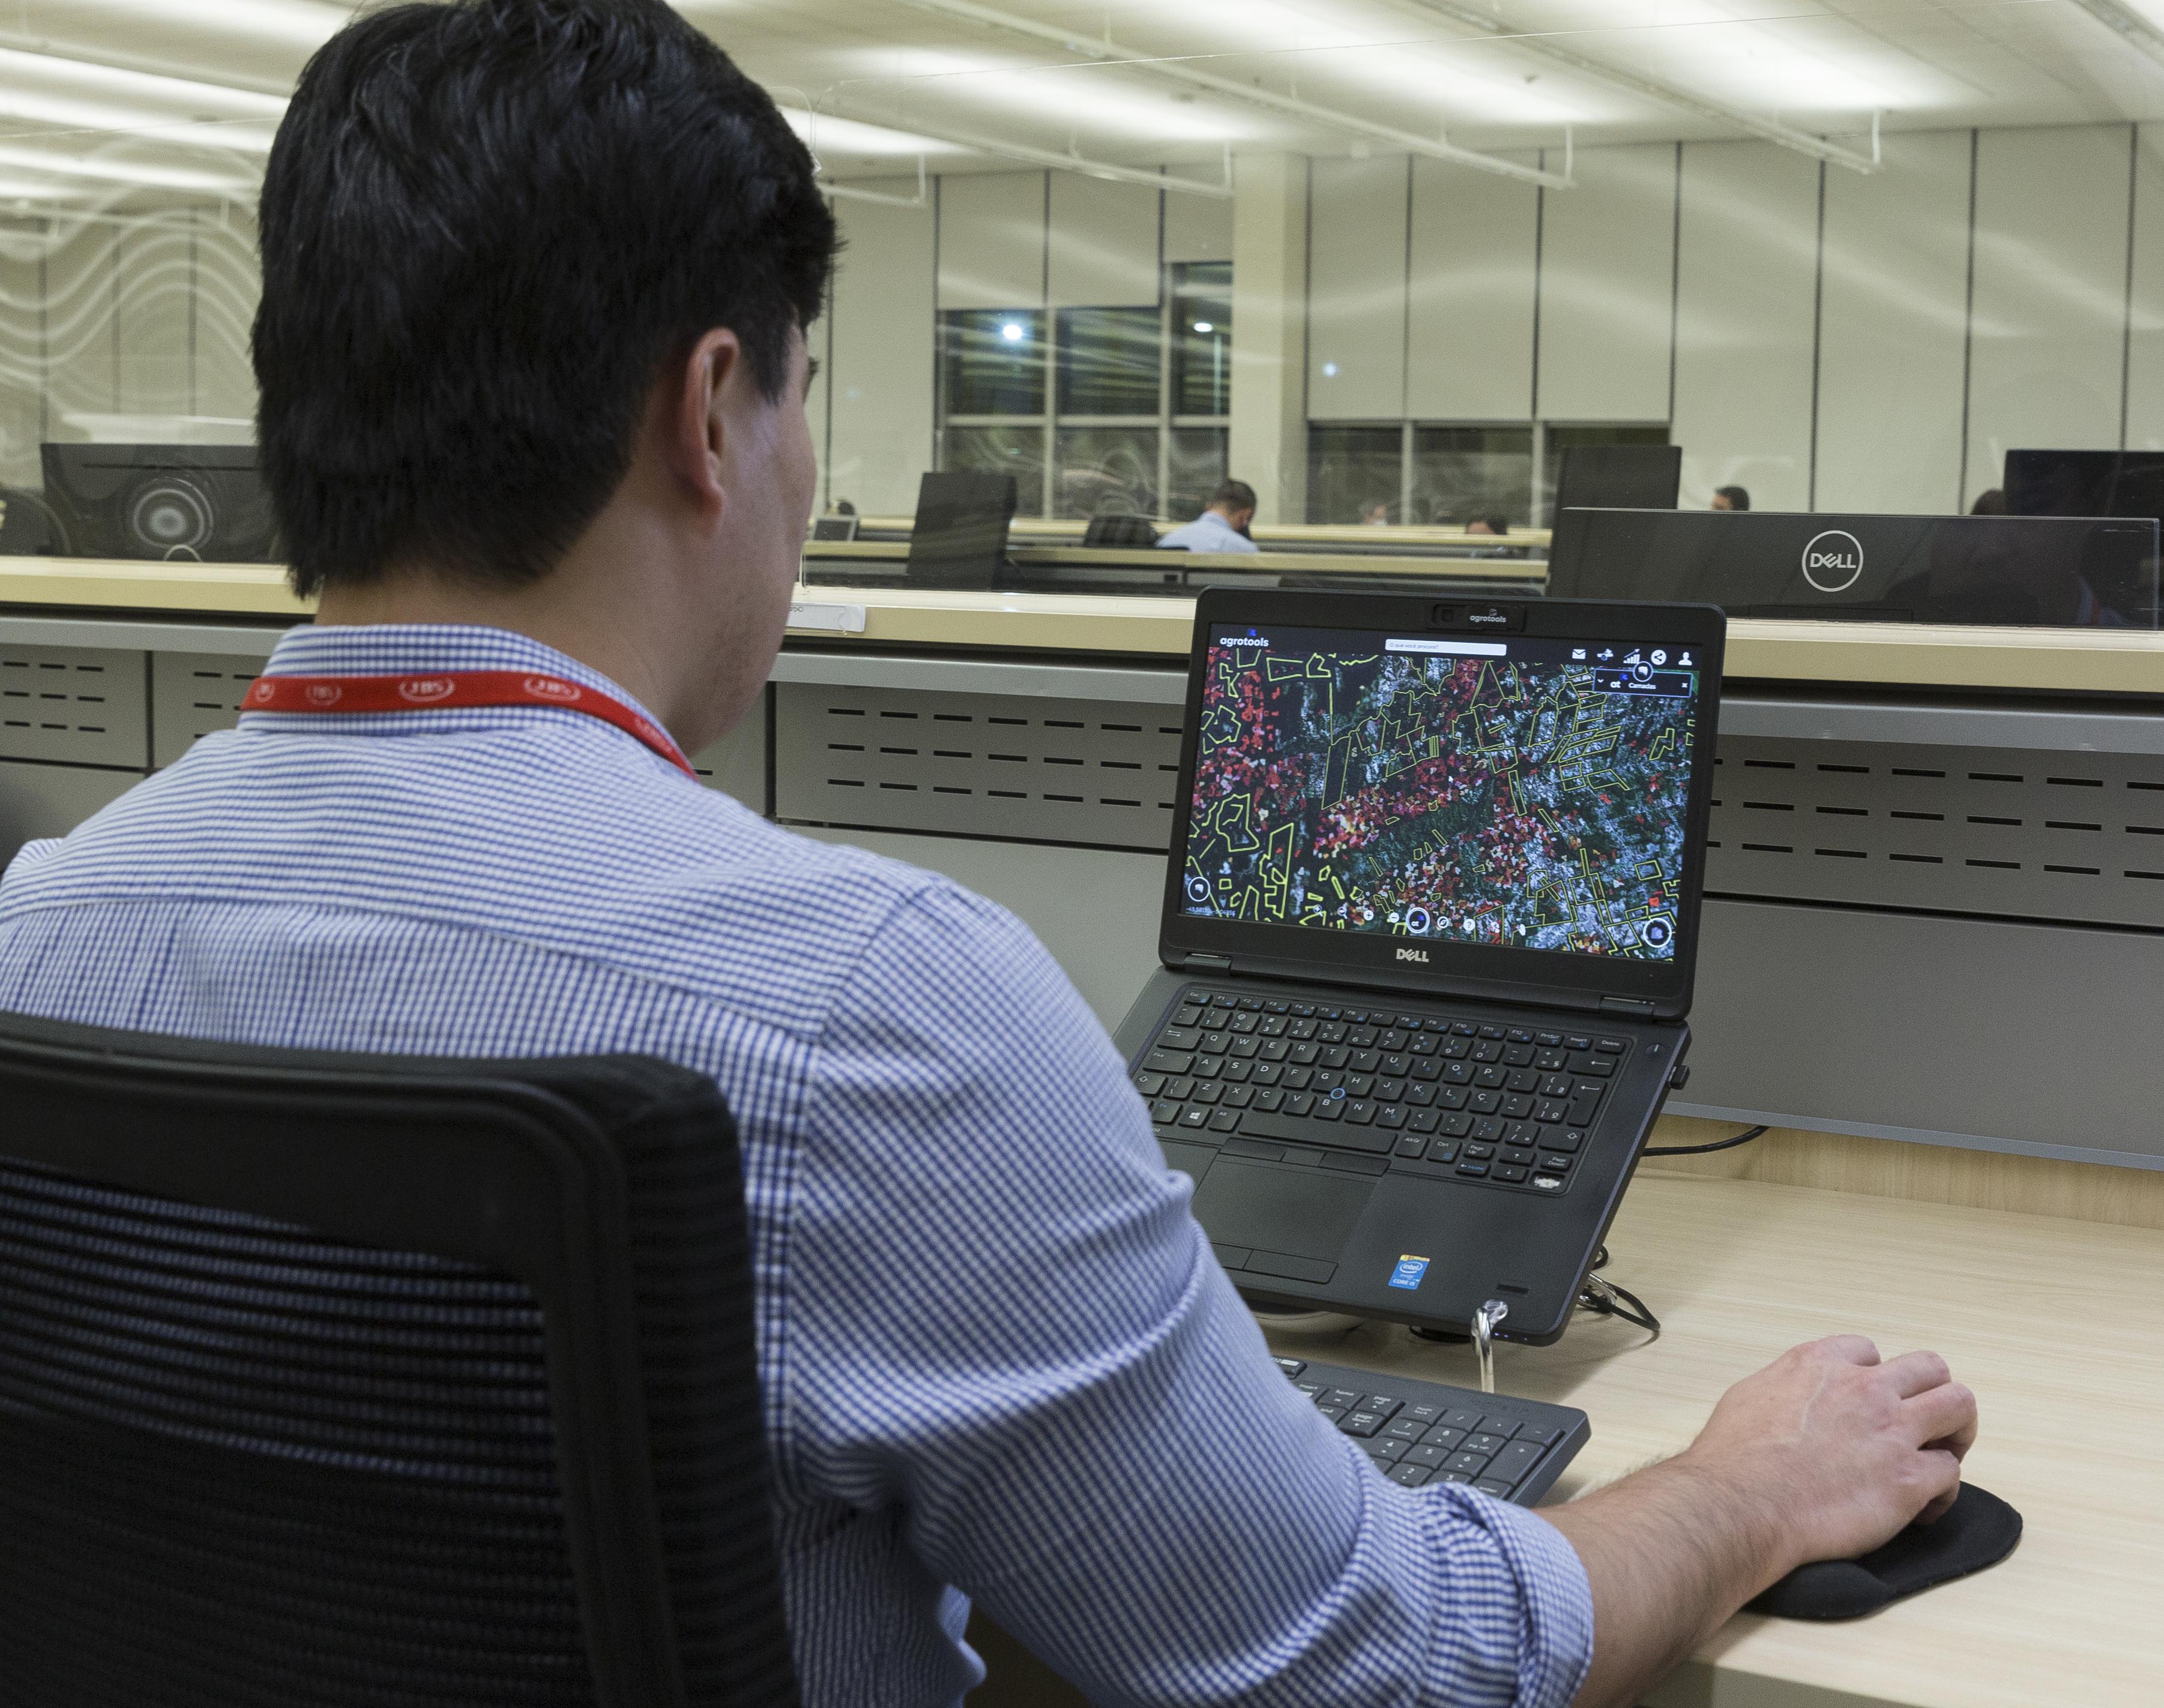 Homem de costas, sentado em frente a um computador